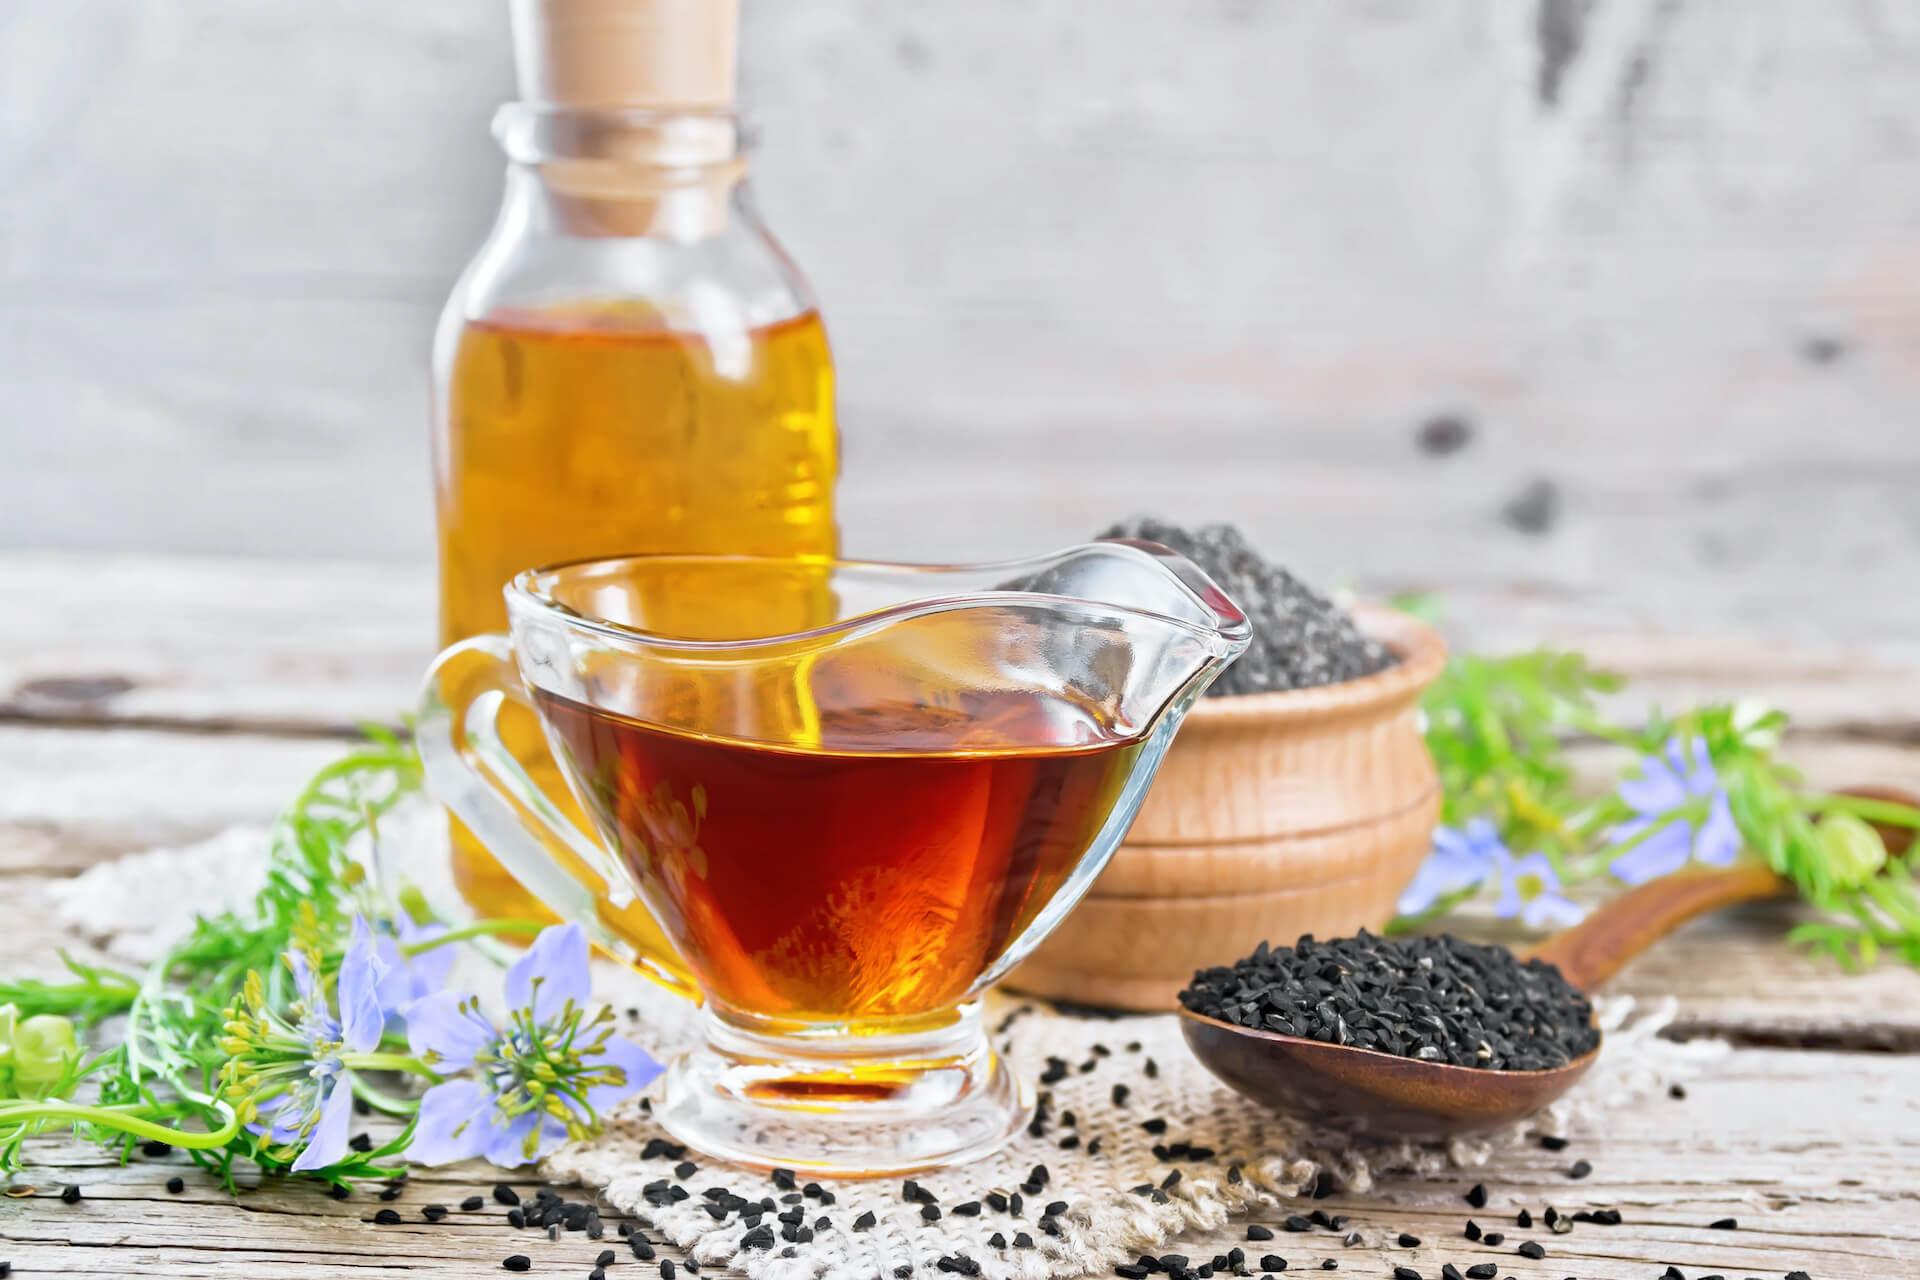 Ulje crnog kima u staklenoj šalici i bočici te sjemenke crnog kima  drvenoj žlici i drvenoj posudi